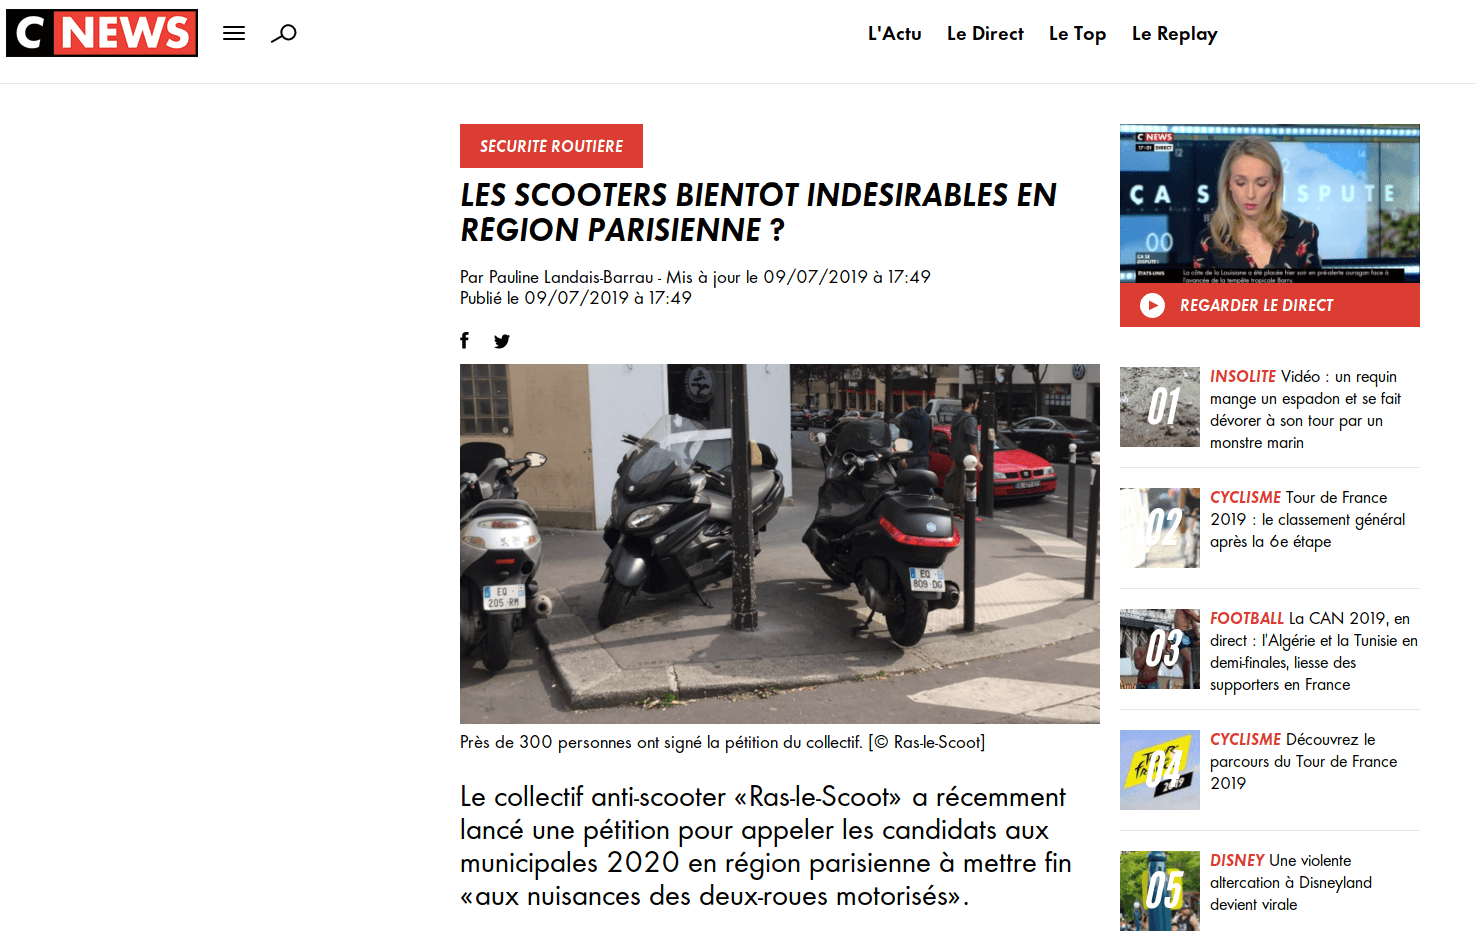 Les scooters bientôt indésirables en région parisienne ? (via @CNEWS)